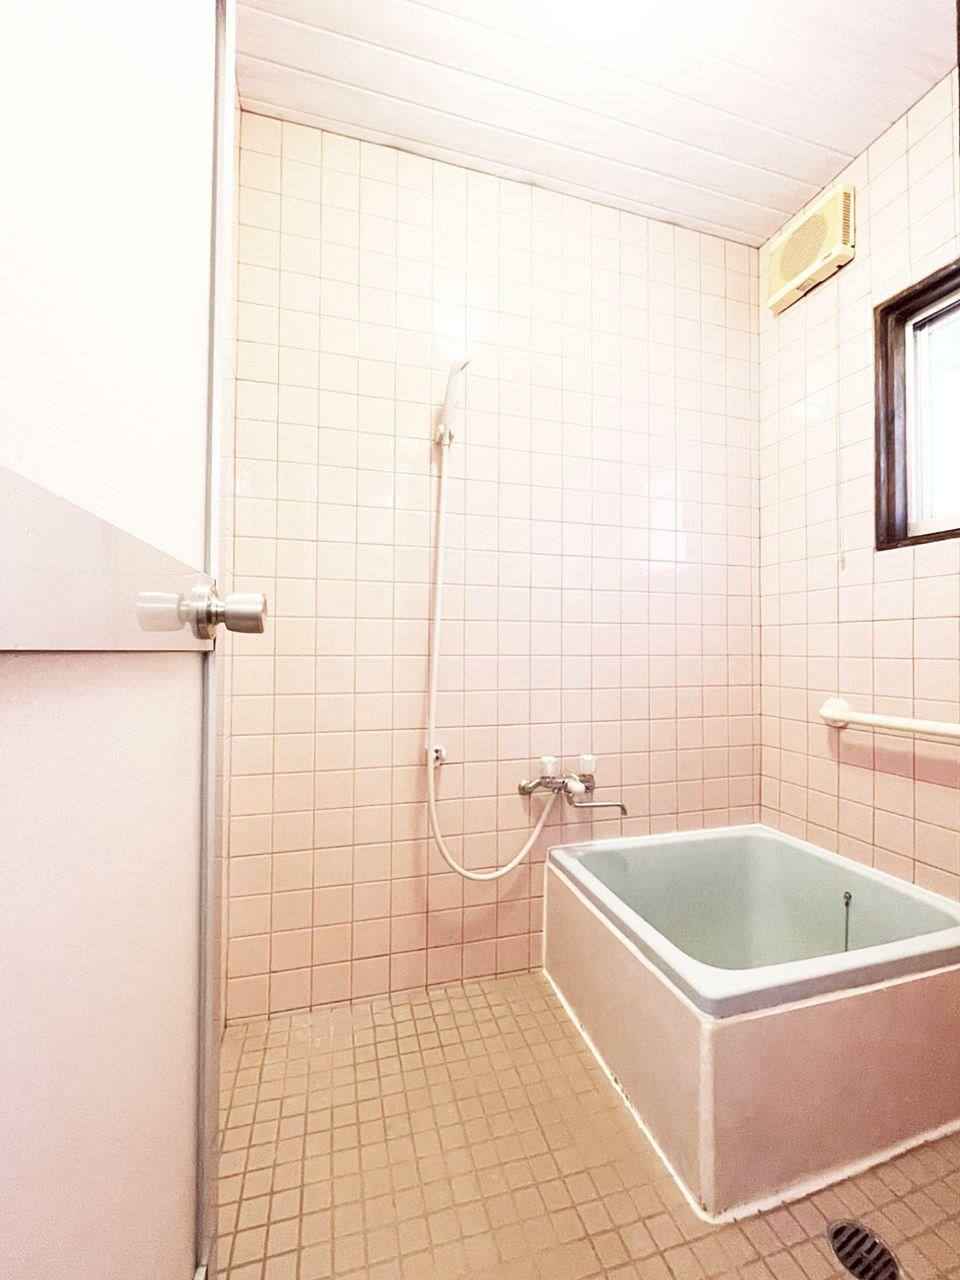 浴室には換気に便利な窓があります。入浴後は開けてカビ防止に役立てて下さい。